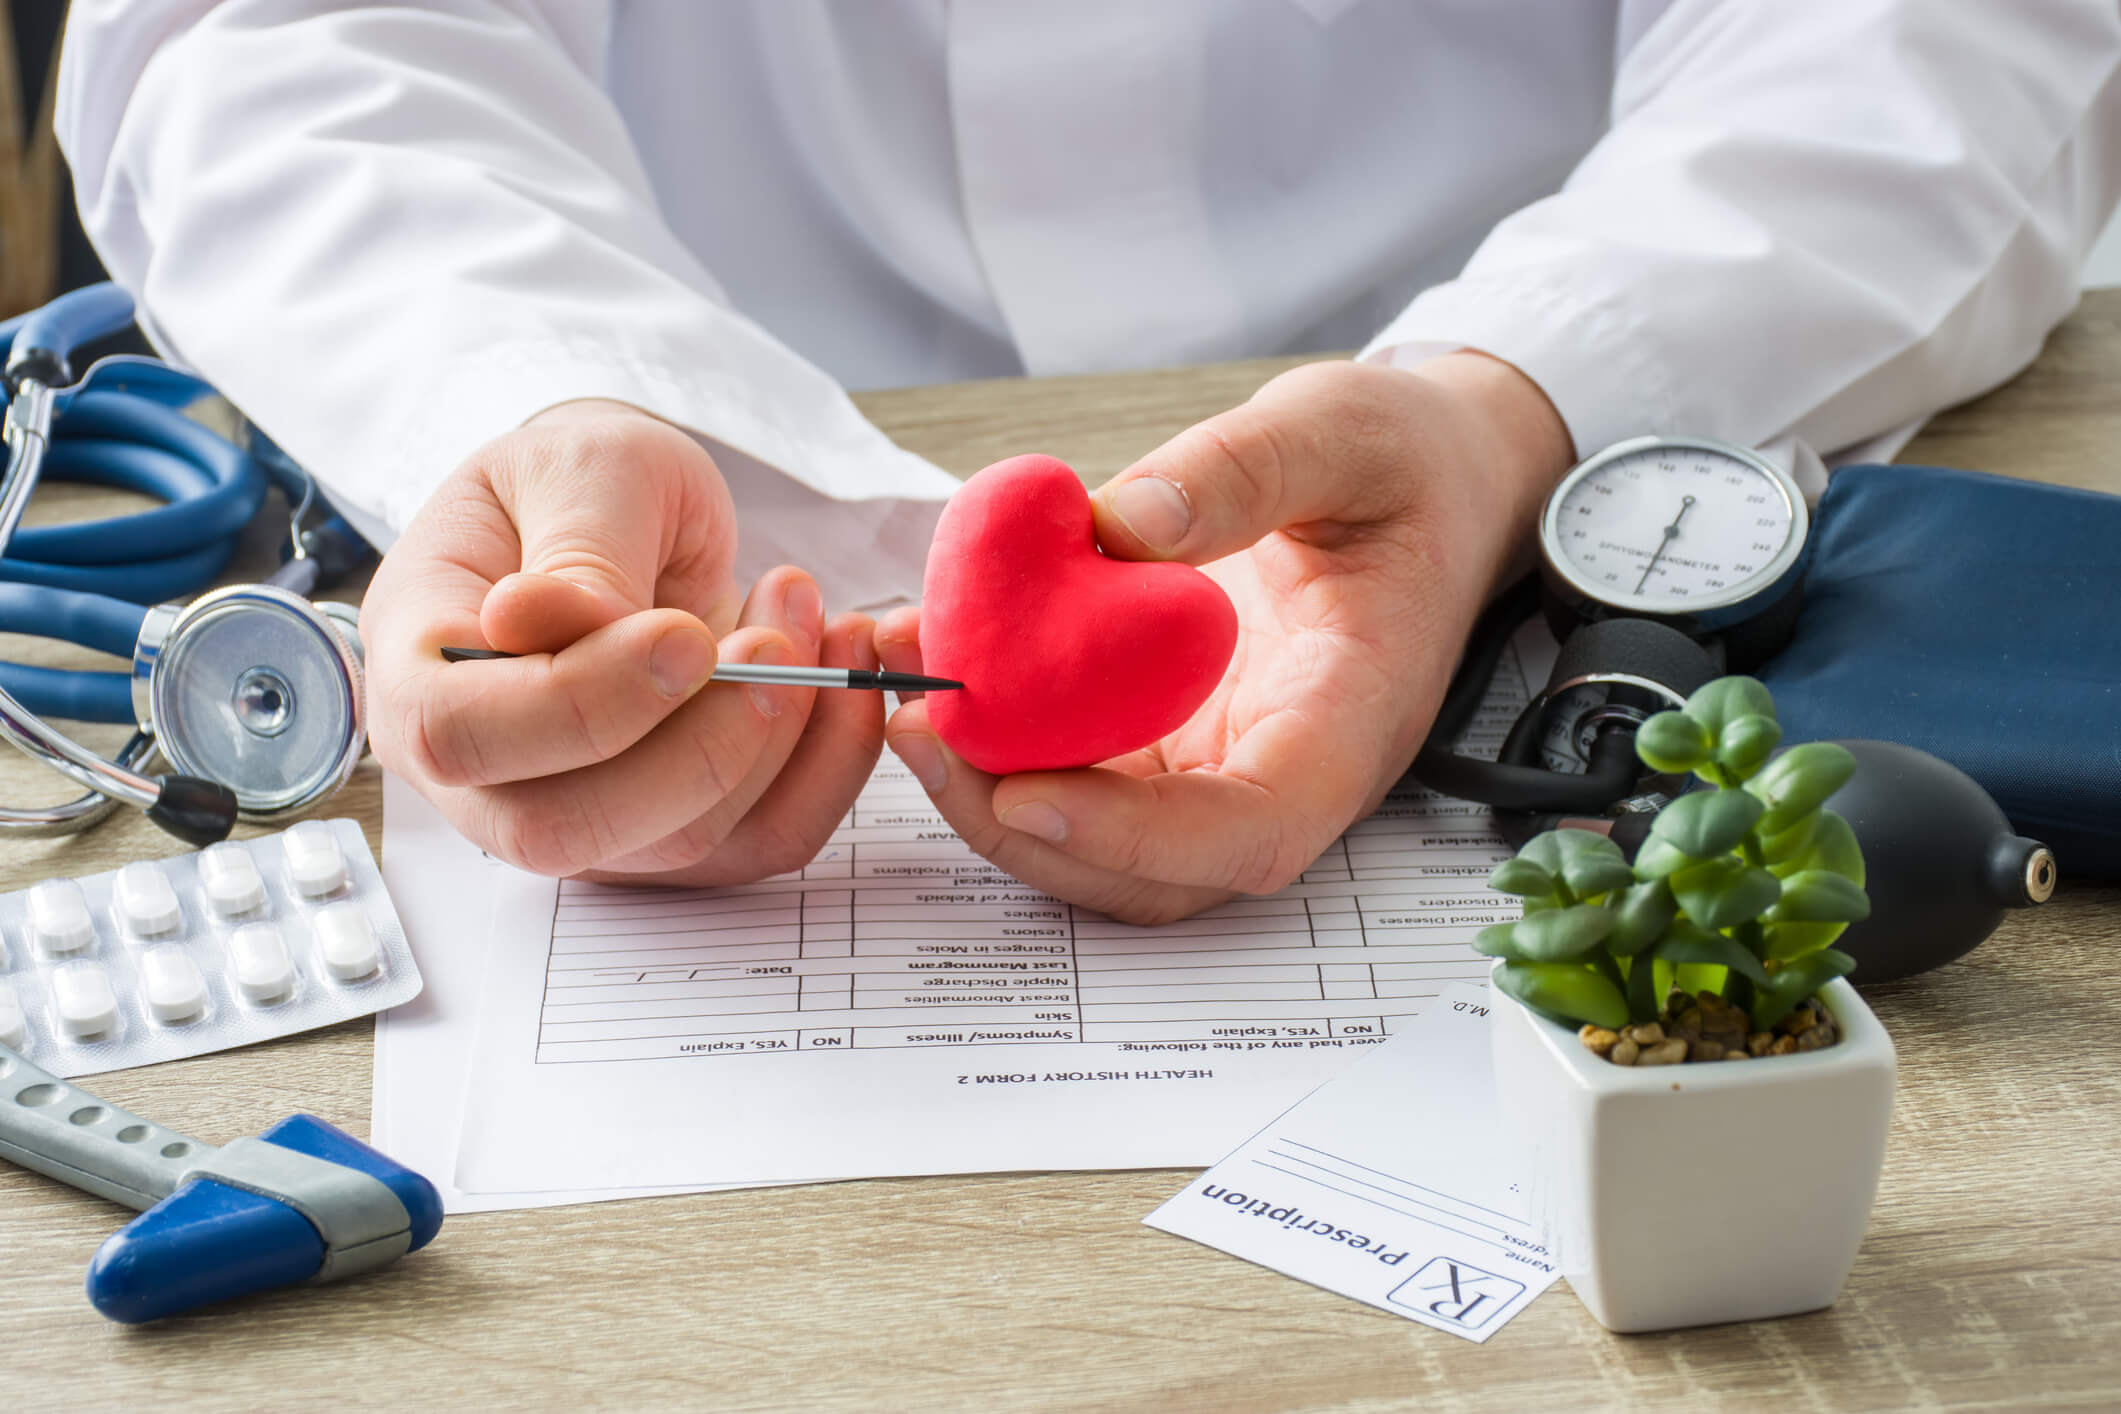 Novas tecnologias para doenças do coração é tema de webinar da CBDL para marcar o Dia Mundial do Coração